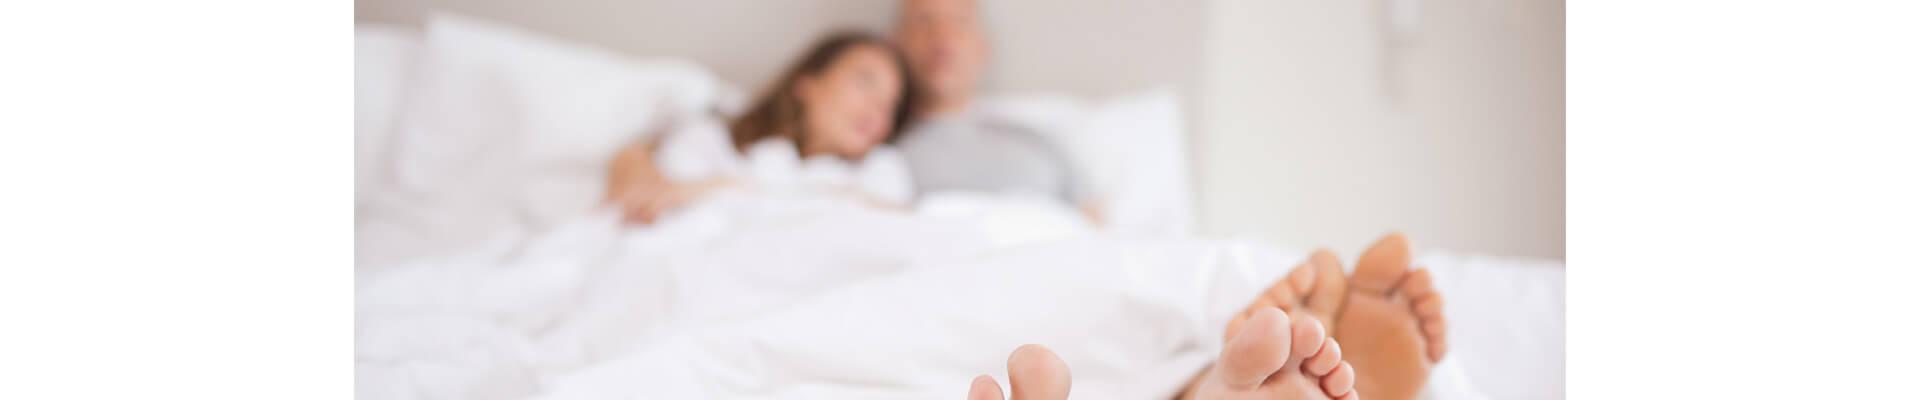 seksuelle problemer opstår meget ofte når din mand har prostatakræft